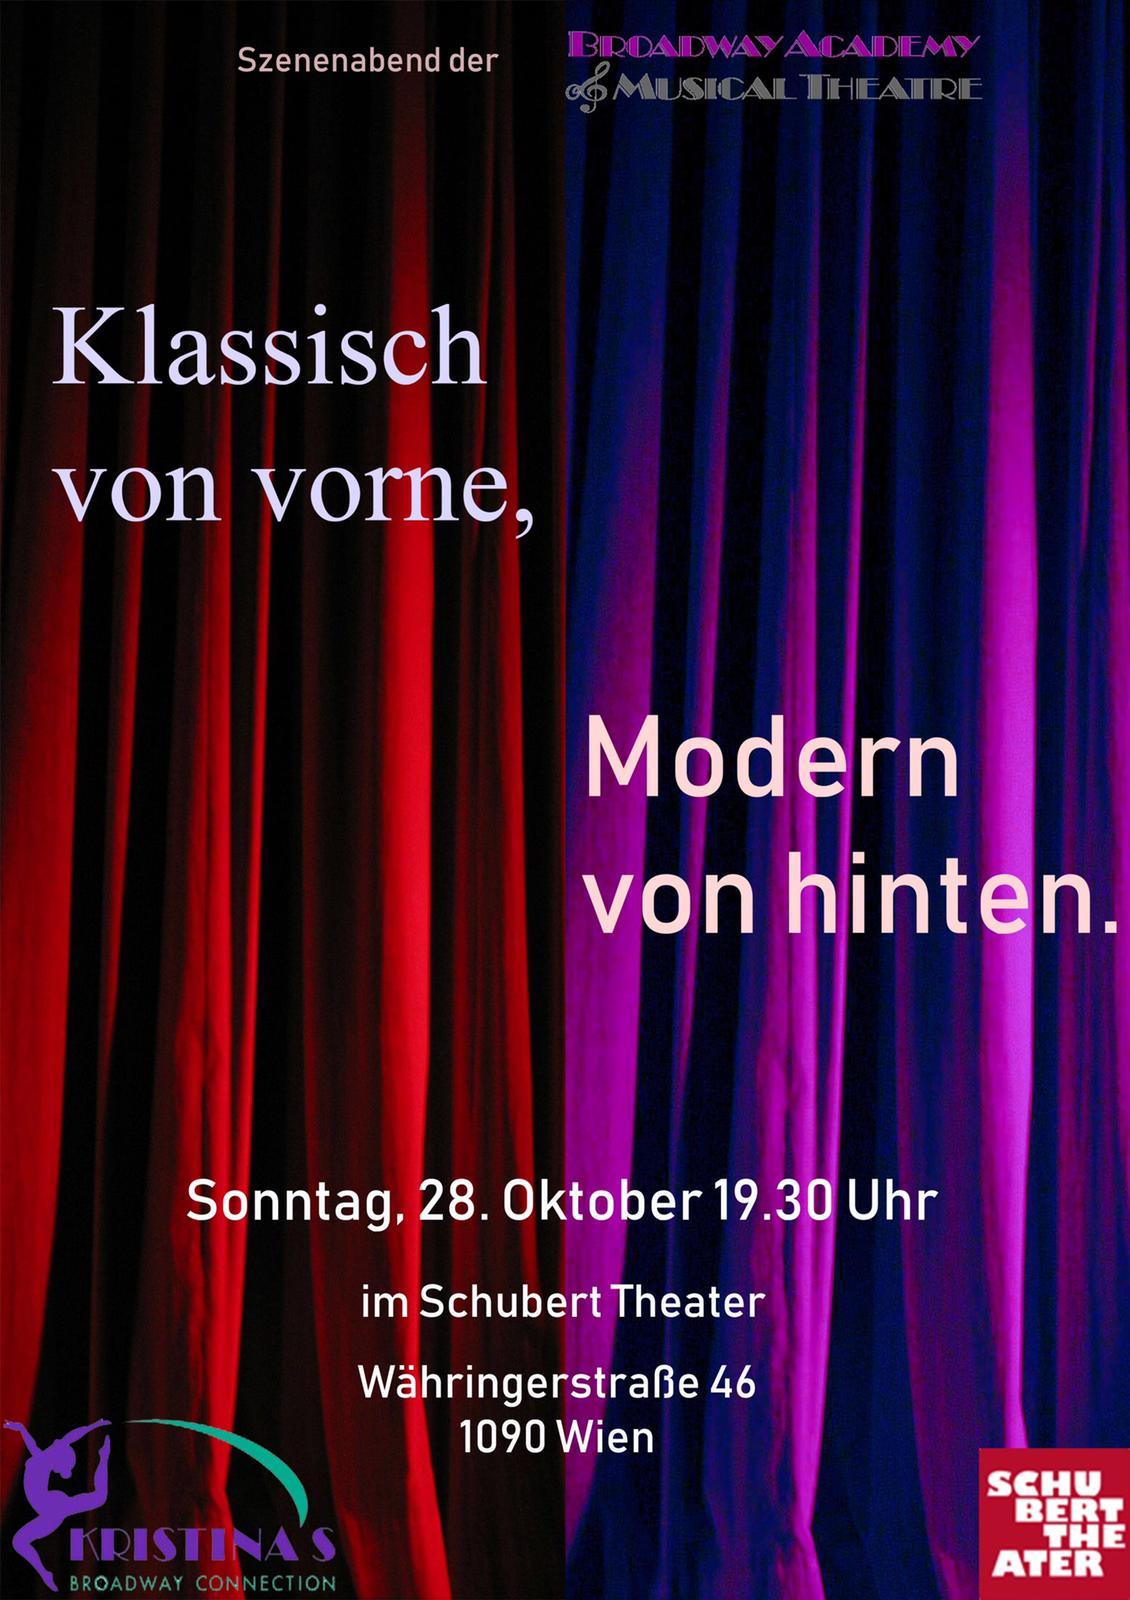 Szenenabend Schubert Theater